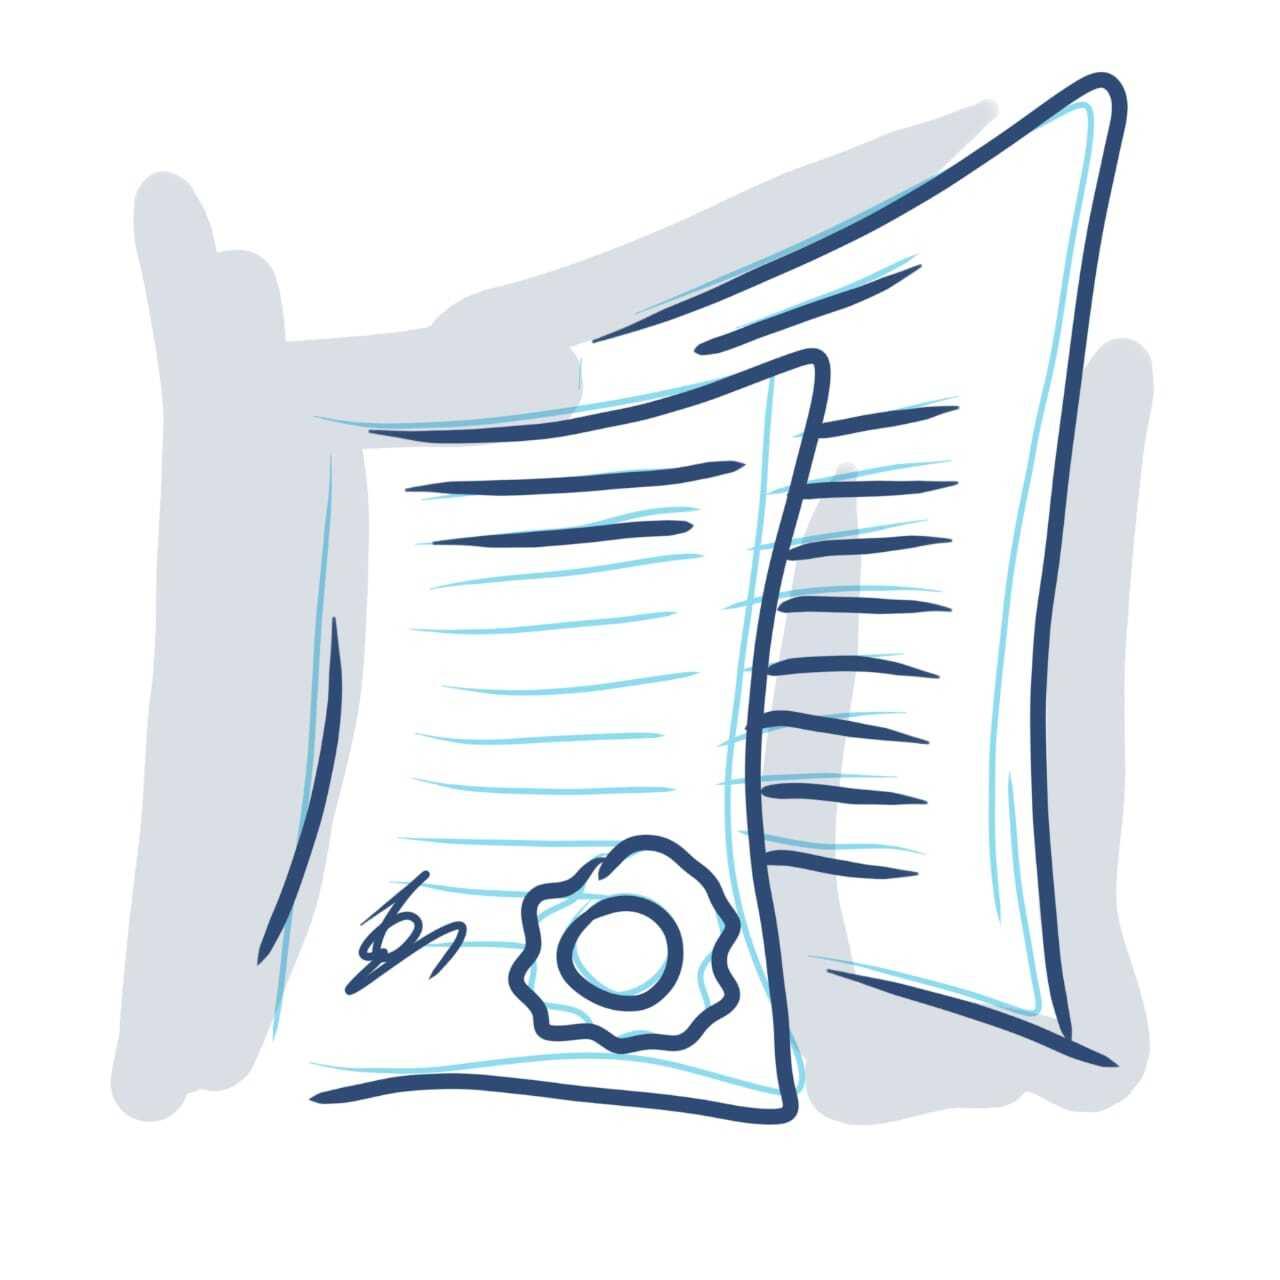 Иконка для рубрики «Документы» специально для сайта «Факты о Саентологии»